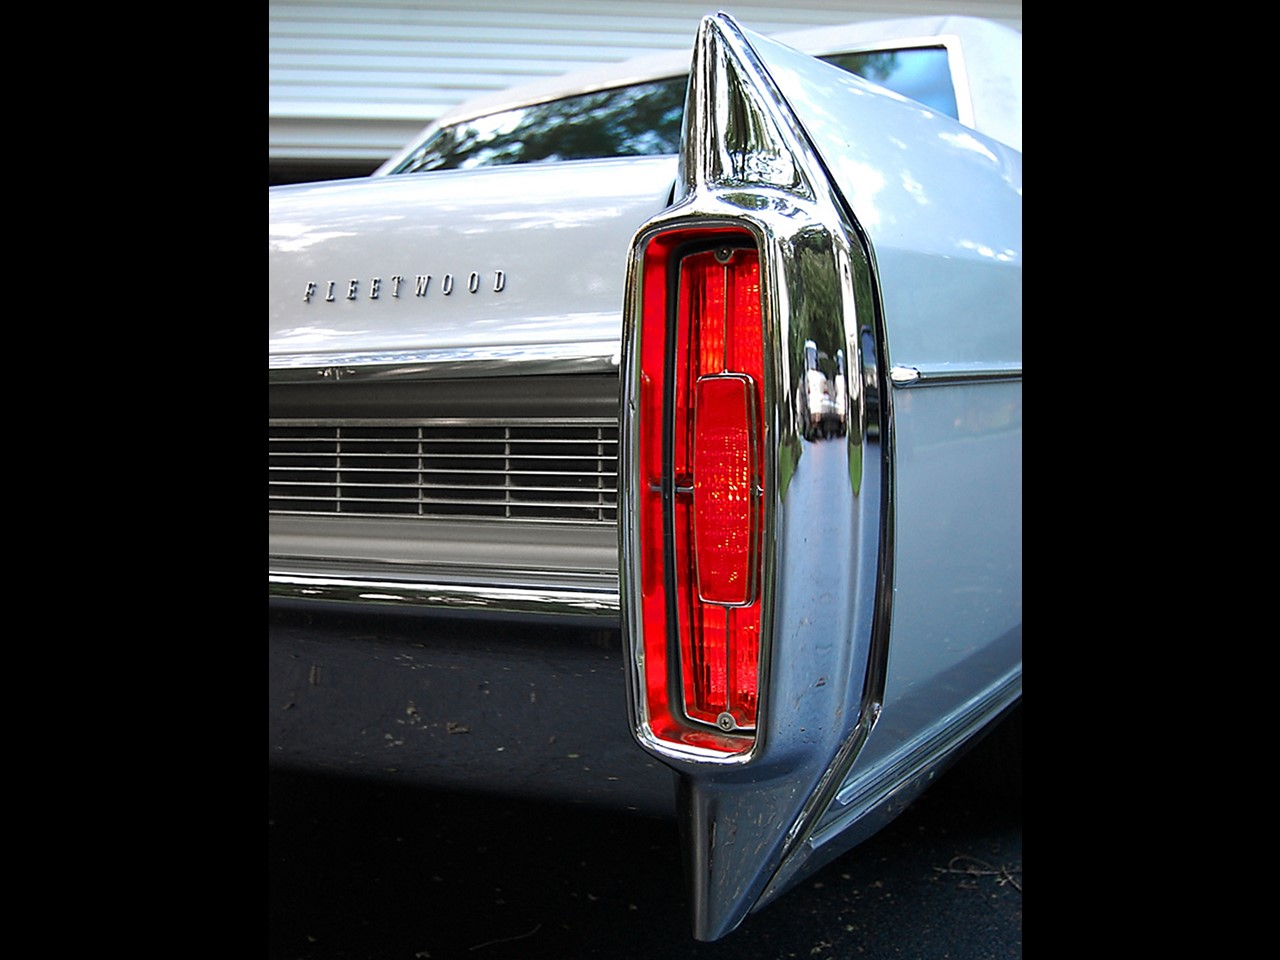 1965 Fleetwood Brougham 1